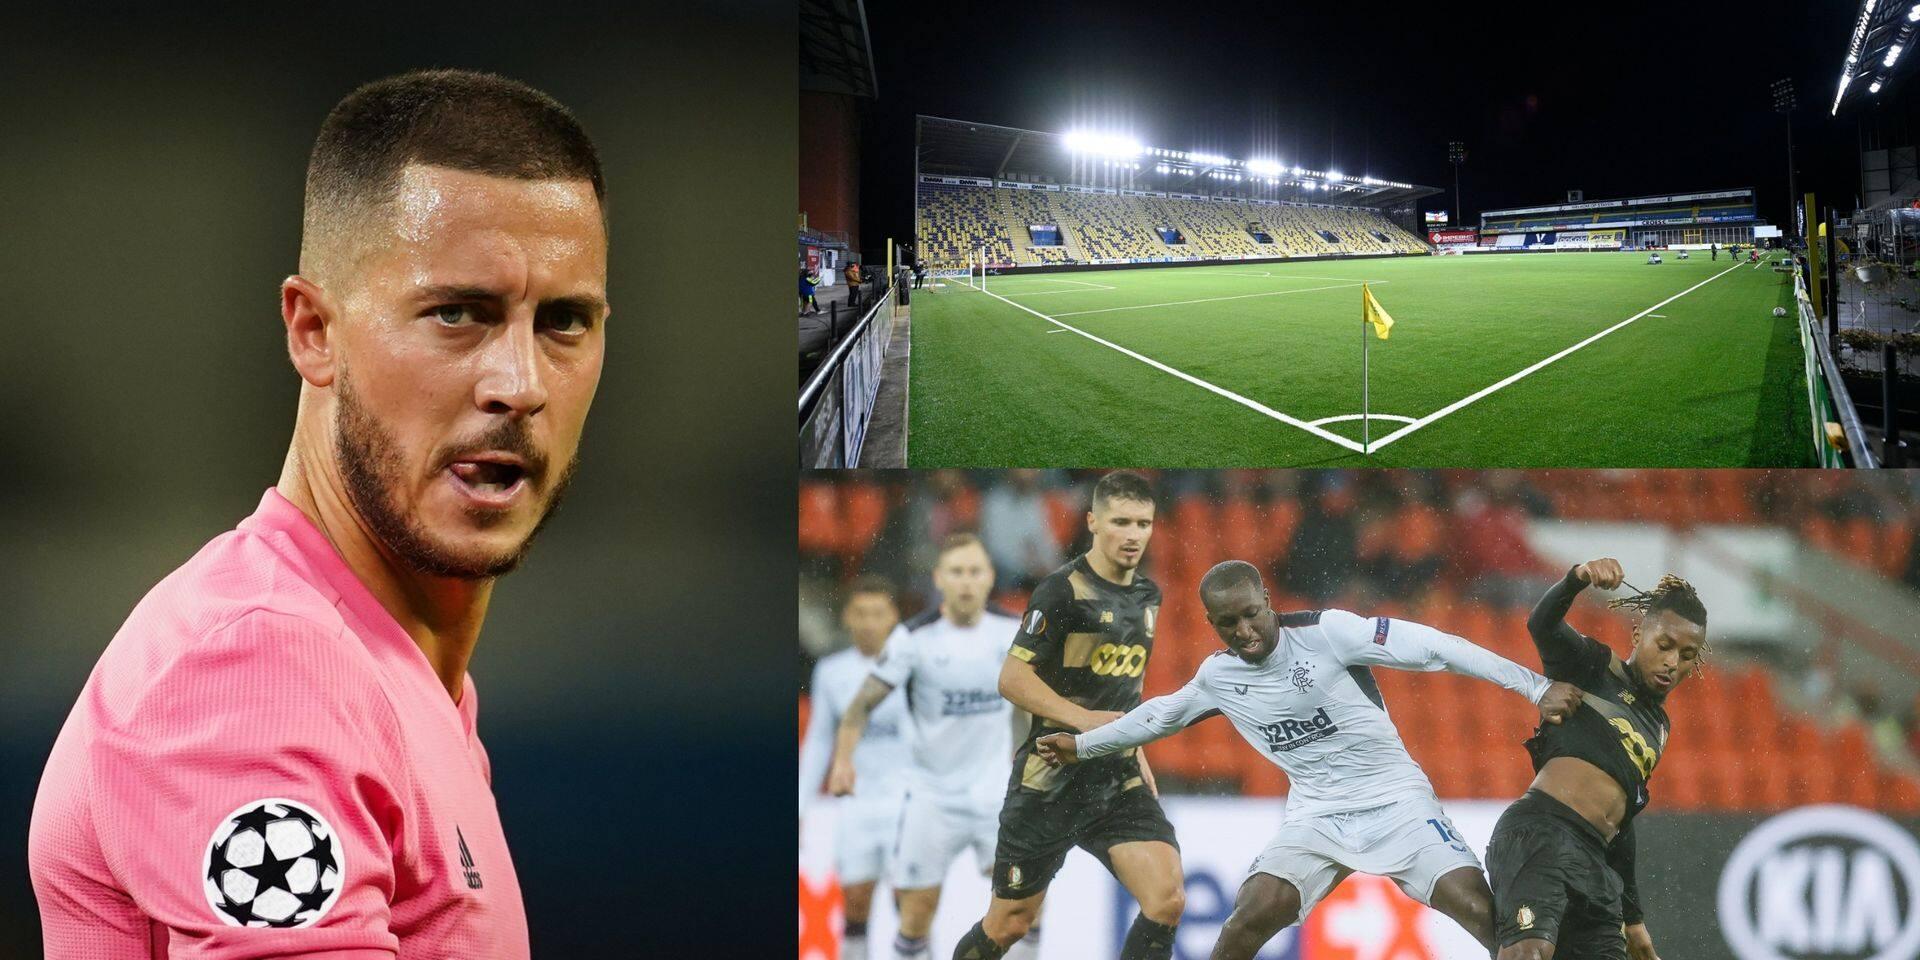 Choisissez le sujet du jour: Eden Hazard, une éventuelle fin de saison anticipée ou le coefficient belge en Europe